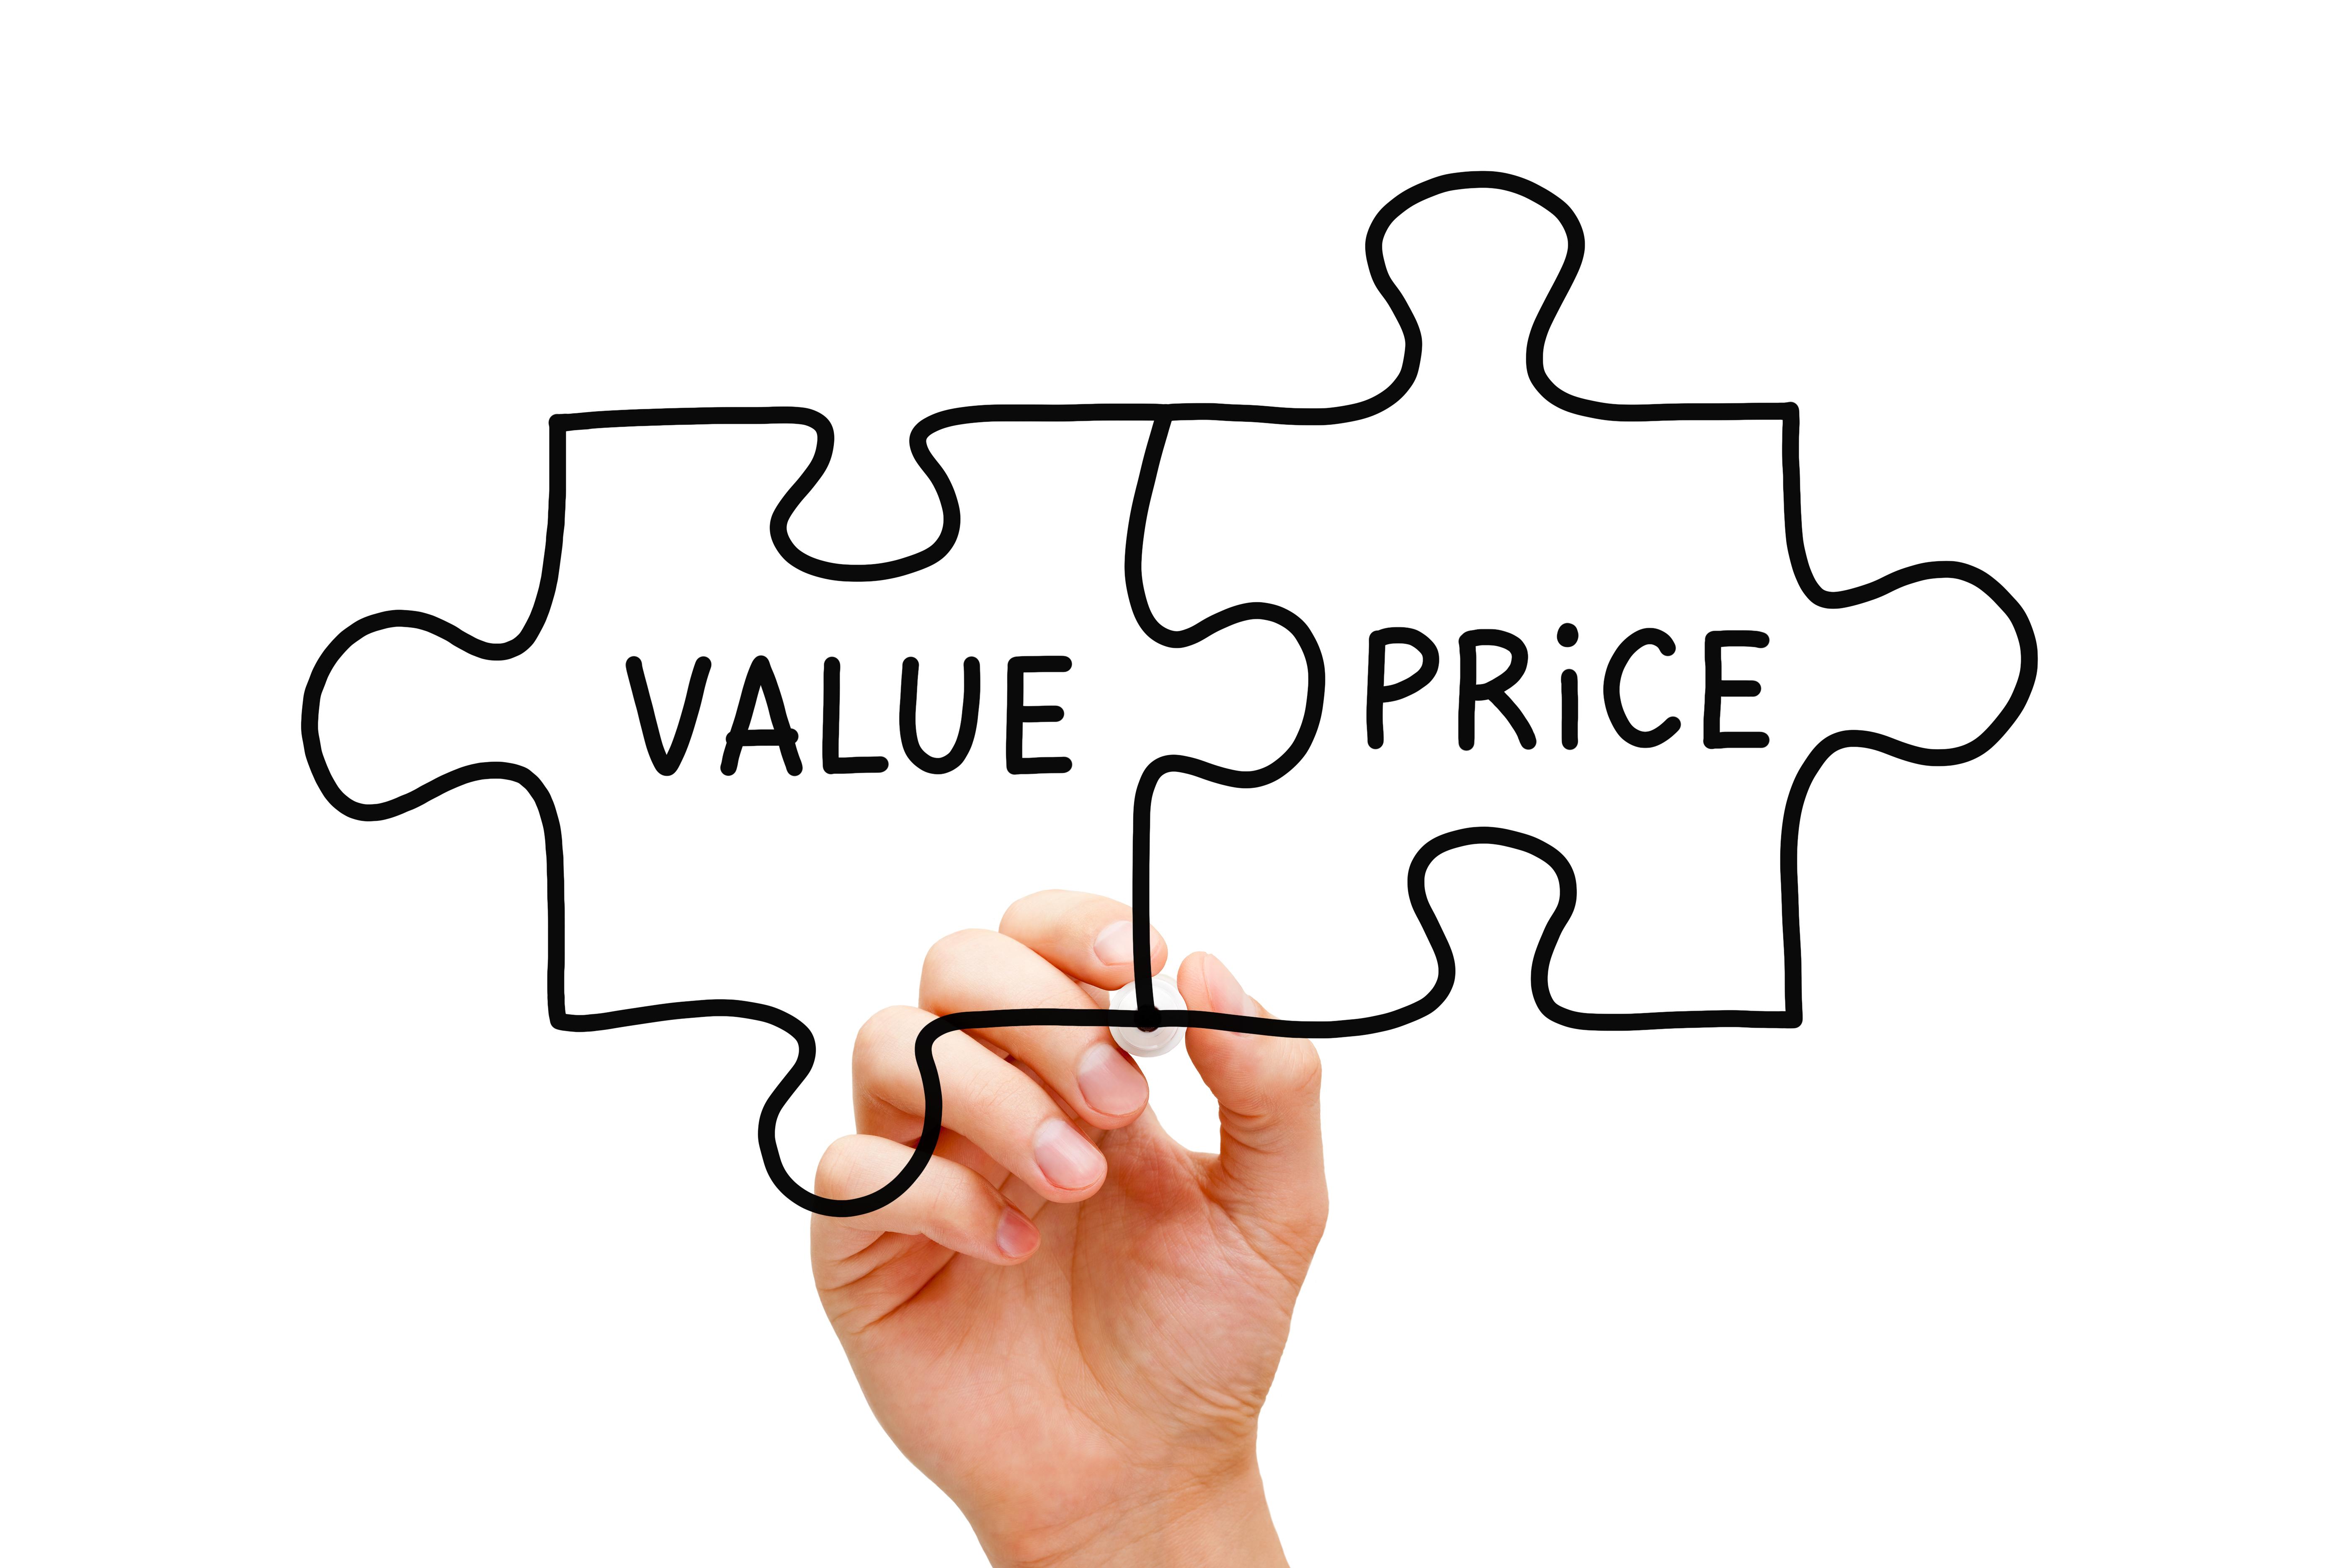 Rapport qualité prix d'une action